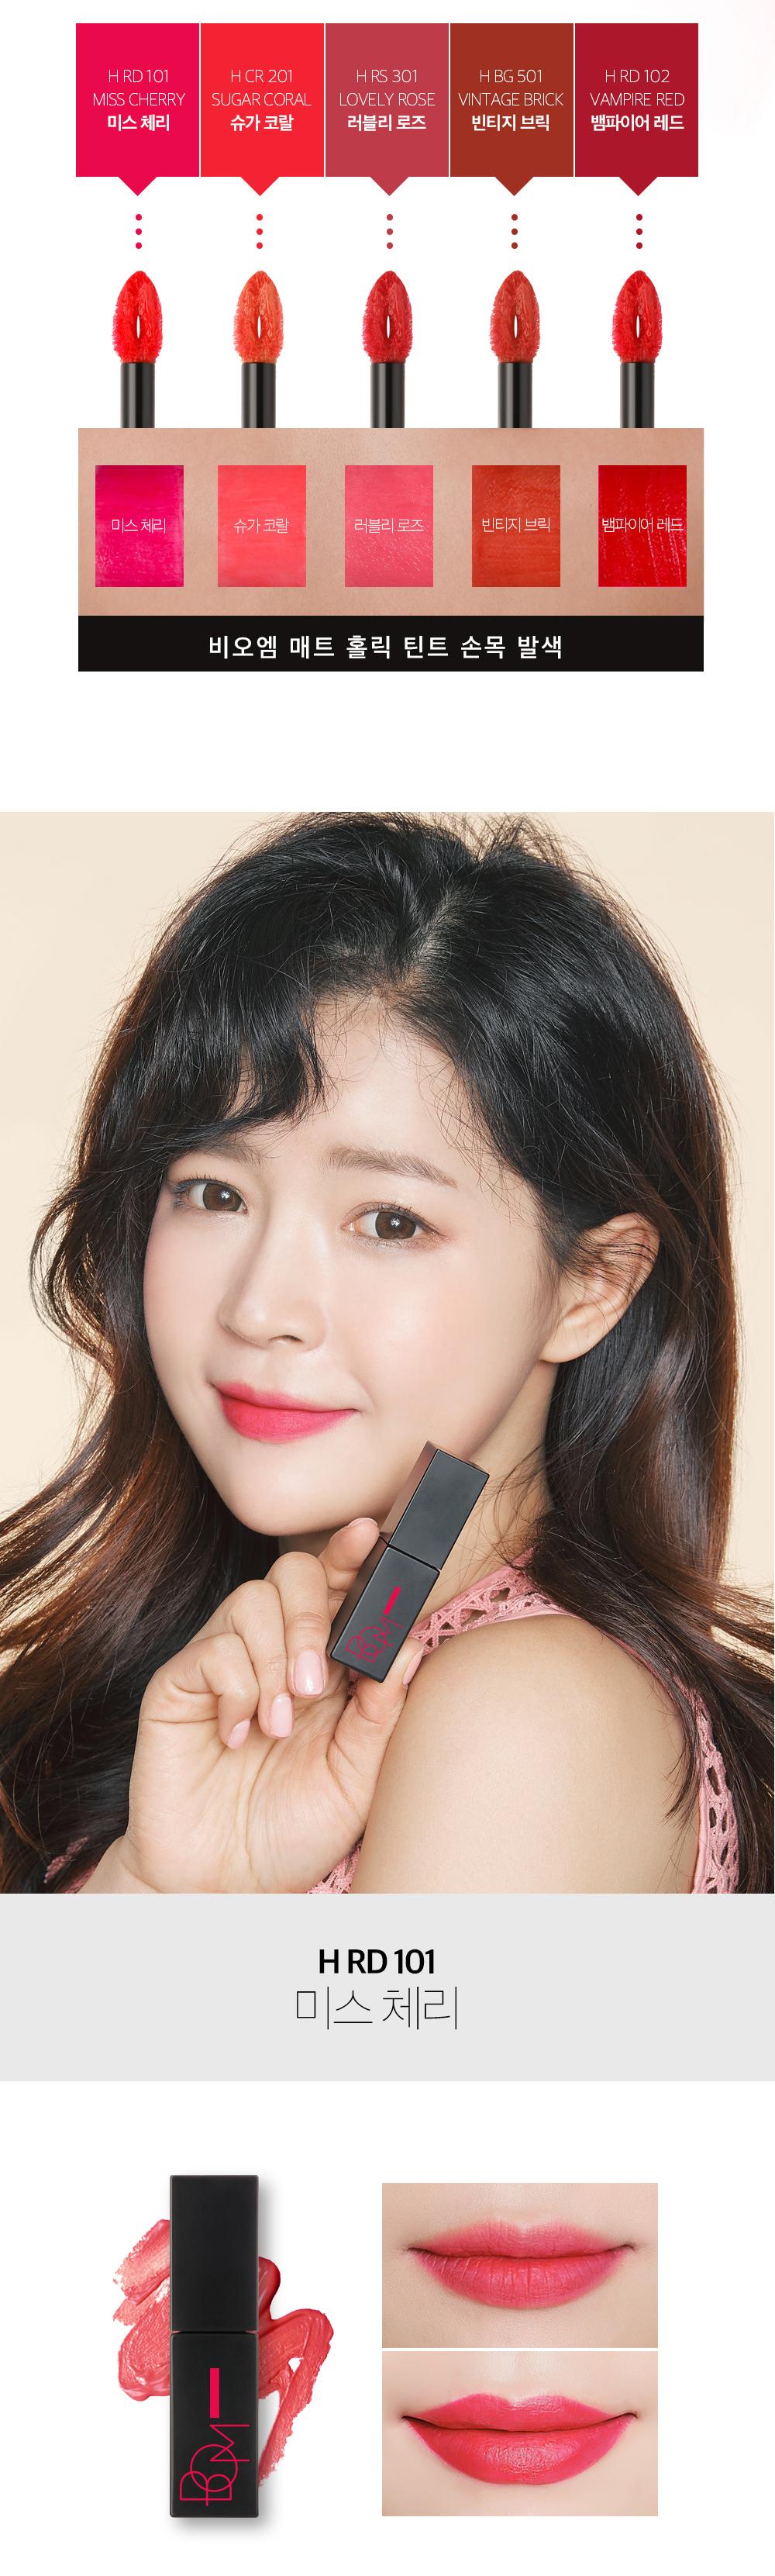 비오엠 매트 홀릭 틴트 5 COLOR - 비오엠, 19,000원, 립메이크업, 립틴트/타투